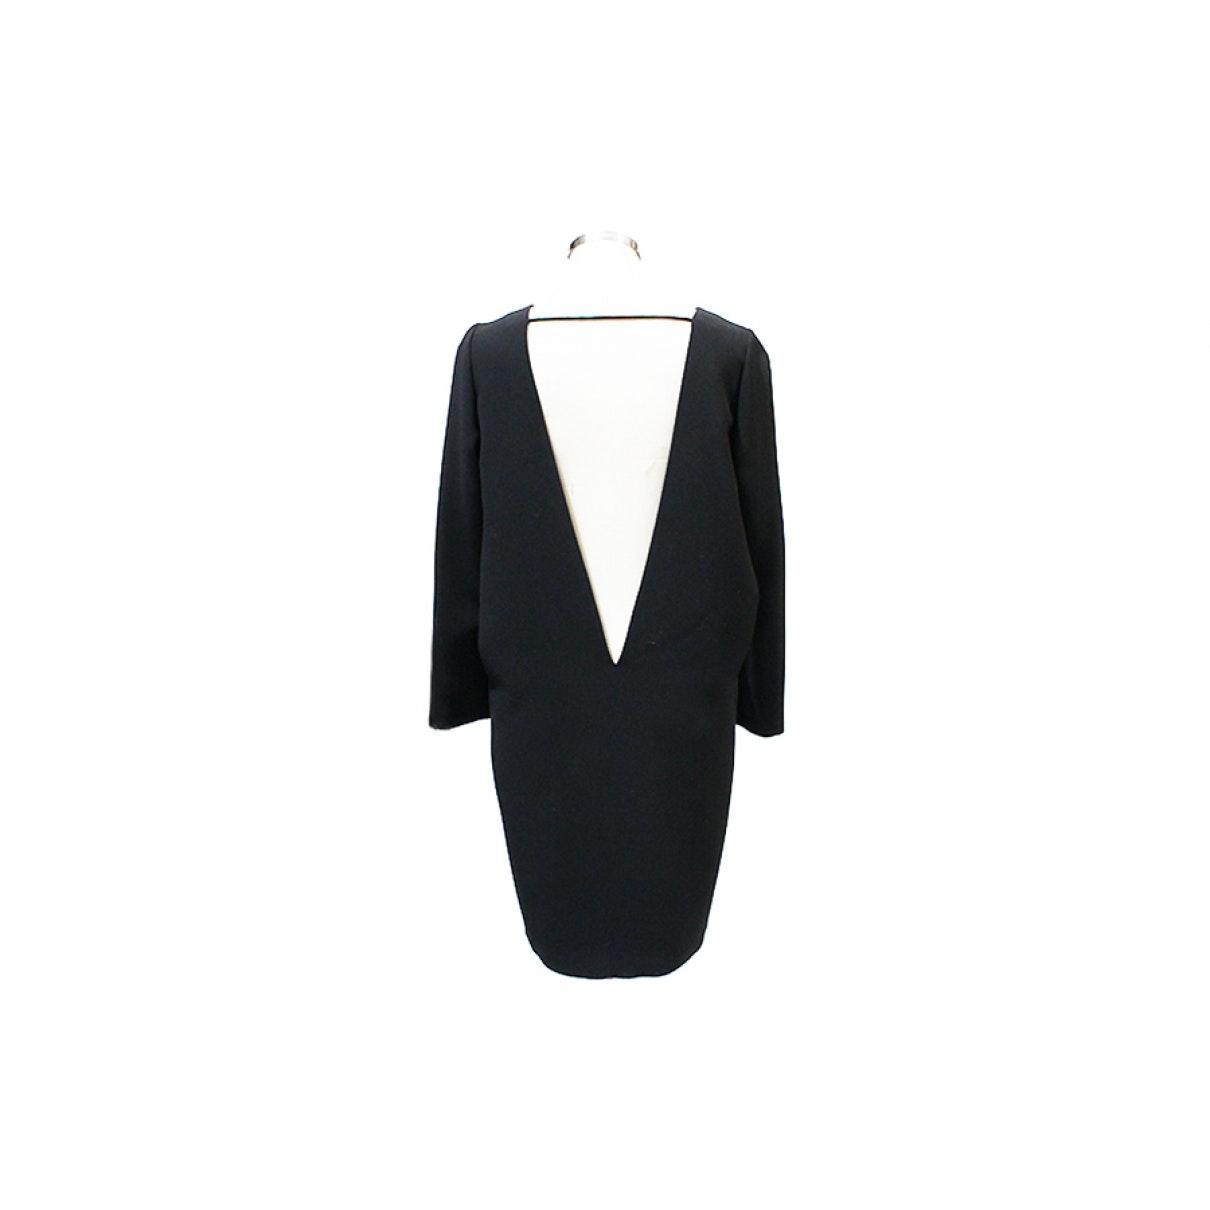 Vestido en lana negro N Barbara Bui de Lana de color Negro